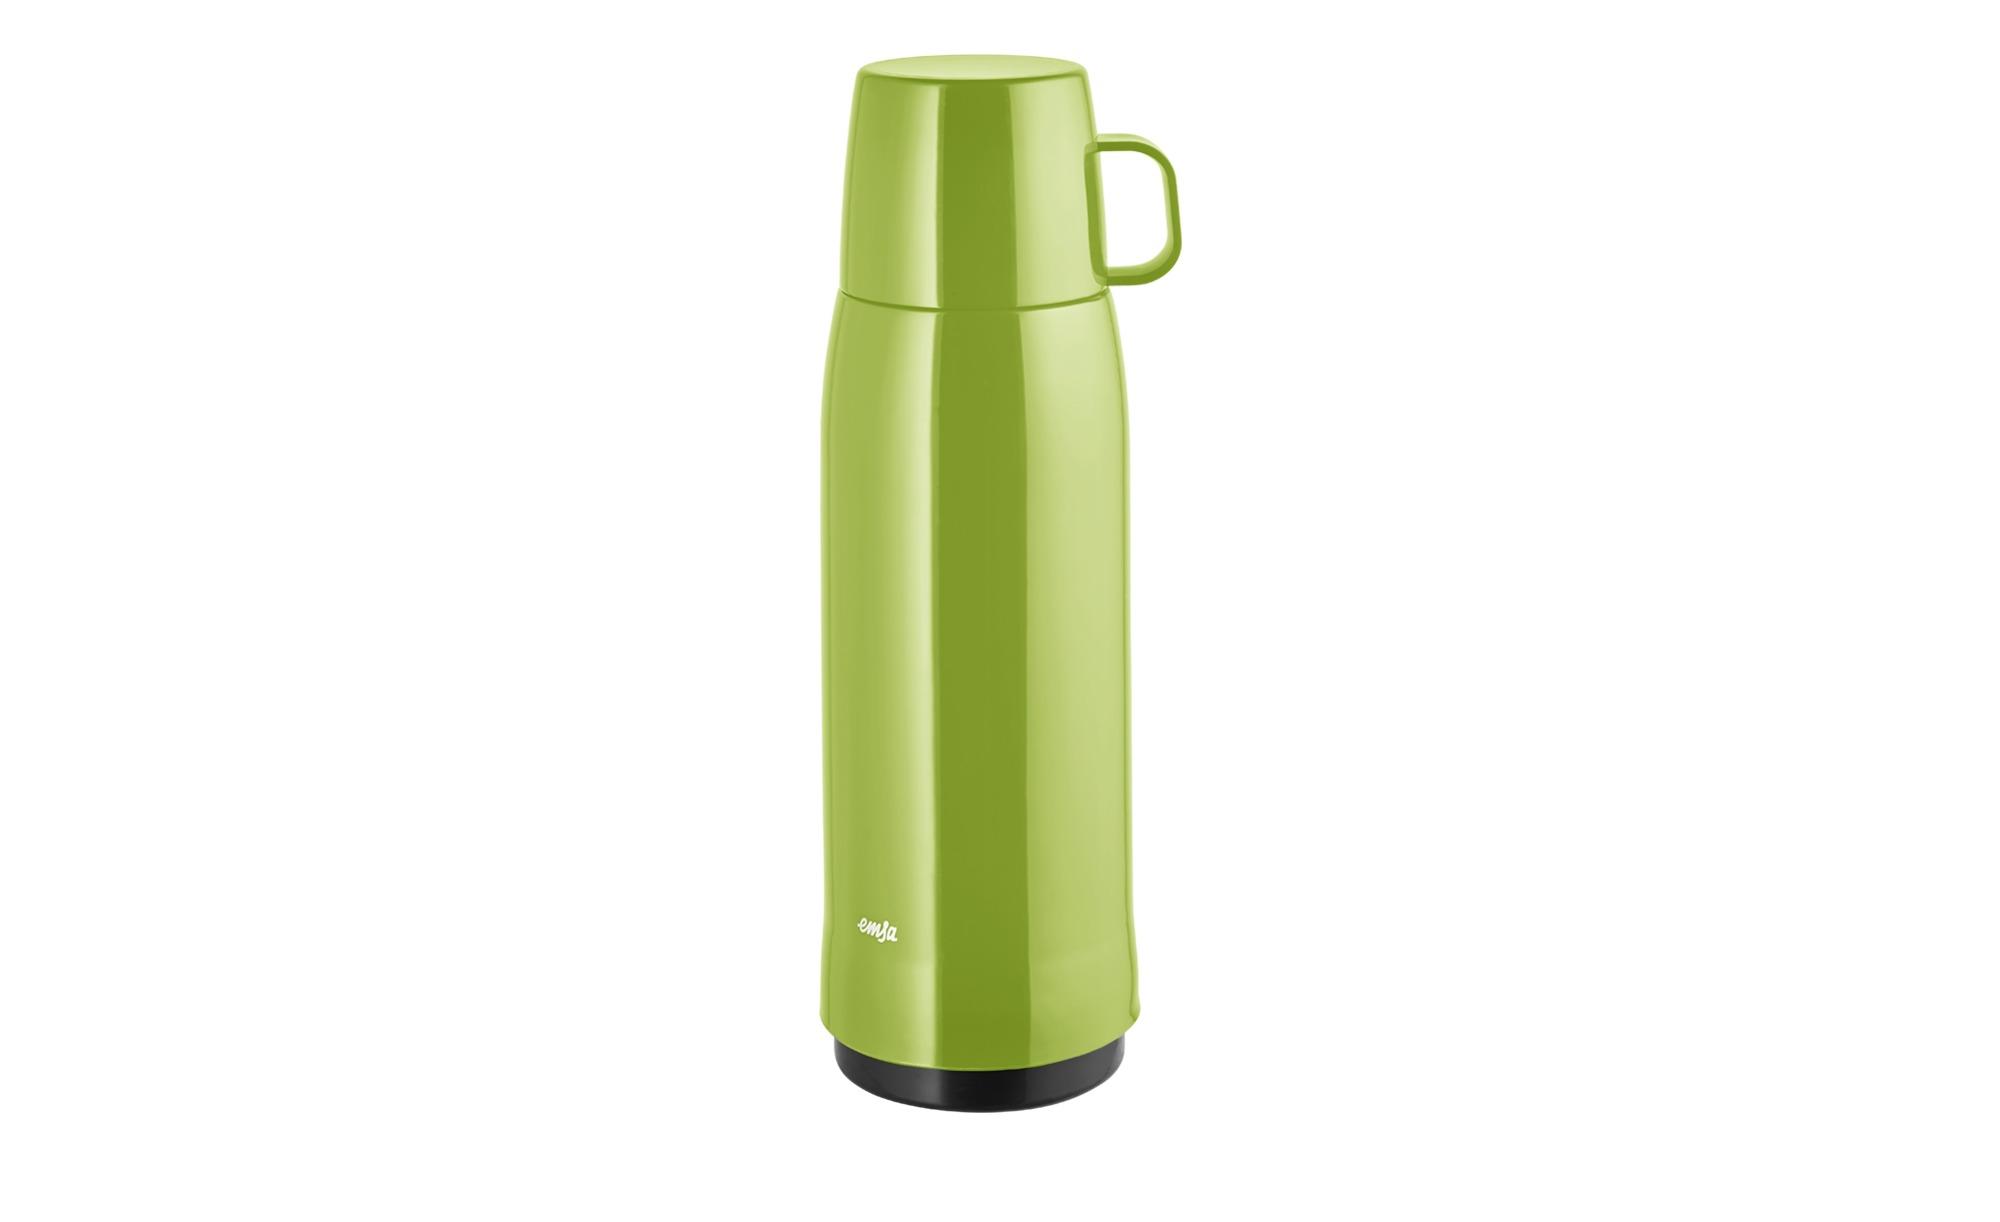 emsa Isolierflasche  Rocket ¦ grün ¦ Polypropylen, Kunststoff ¦ Maße (cm): B: 10,5 H: 32 Kaffee & Tee > Kaffee- & Isolierkannen - Höffner | Küche und Esszimmer > Besteck und Geschirr > Kannen und Wasserkessel | Grün | Kunststoff | Möbel Höffner DE